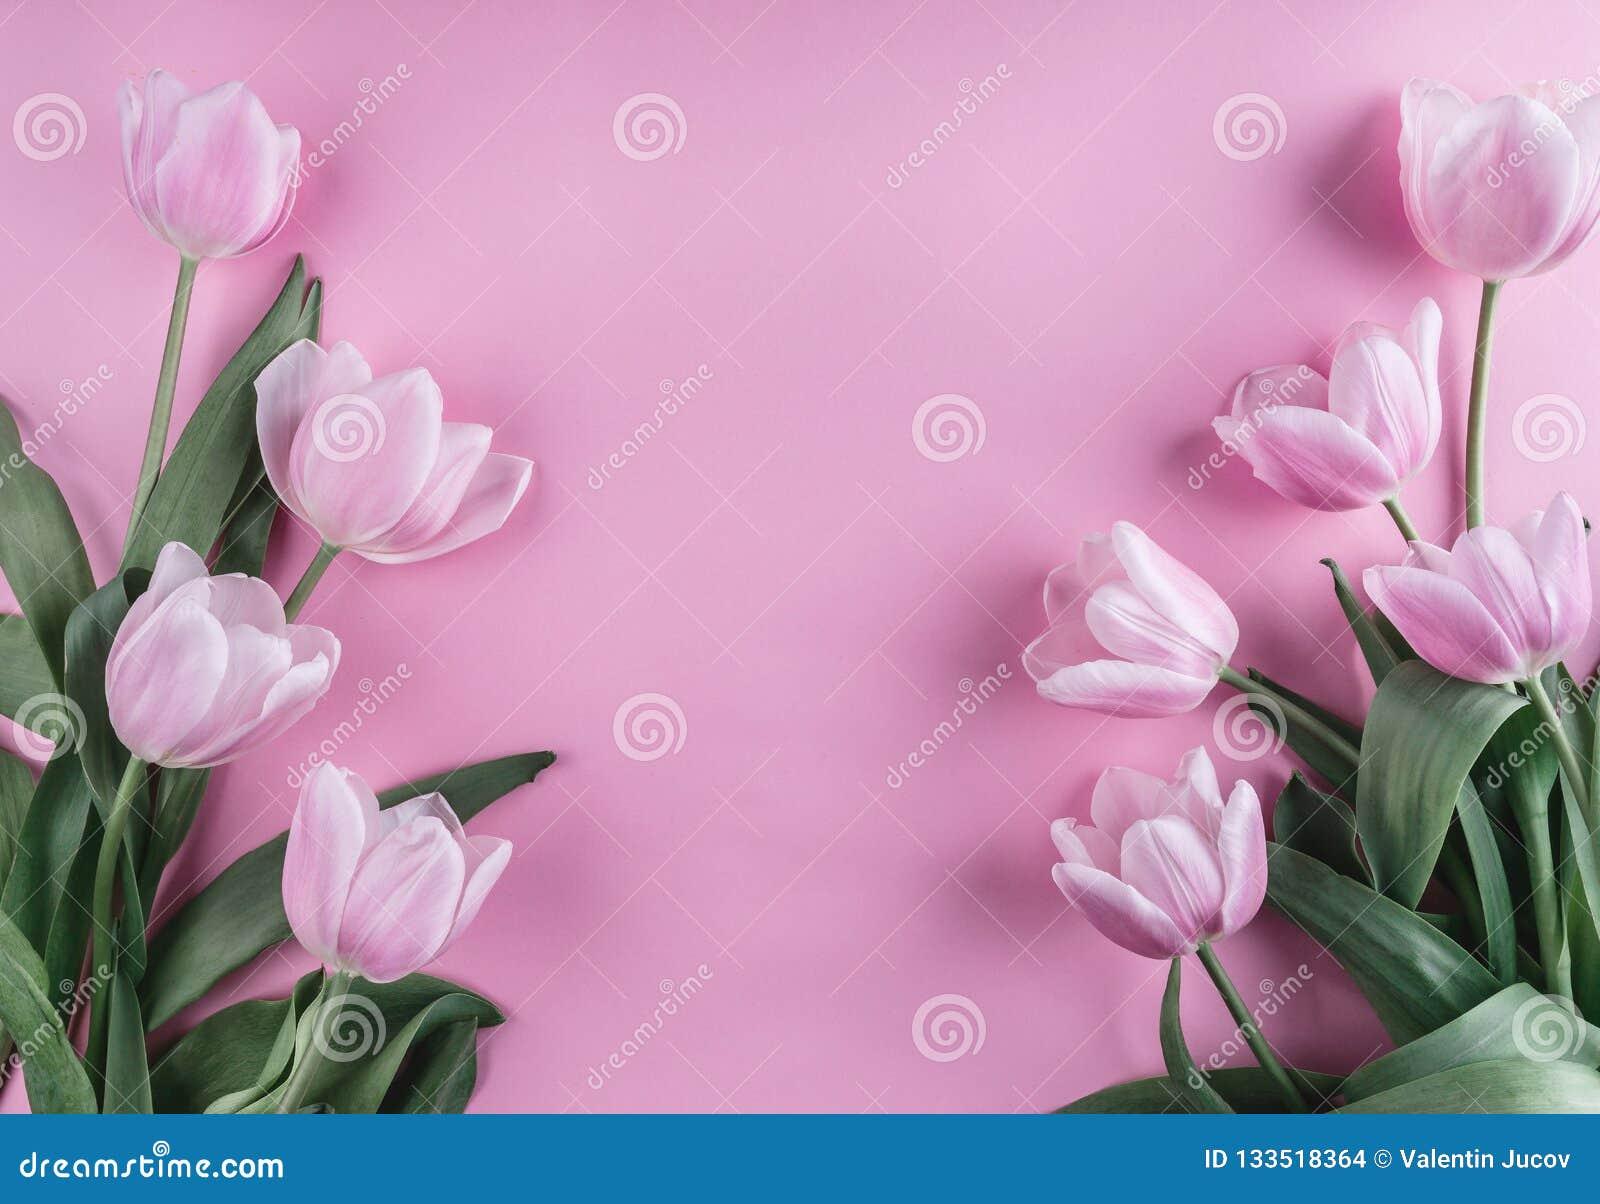 在浅粉红色的背景的桃红色郁金香花 贺卡或婚礼邀请 平的位置,顶视图